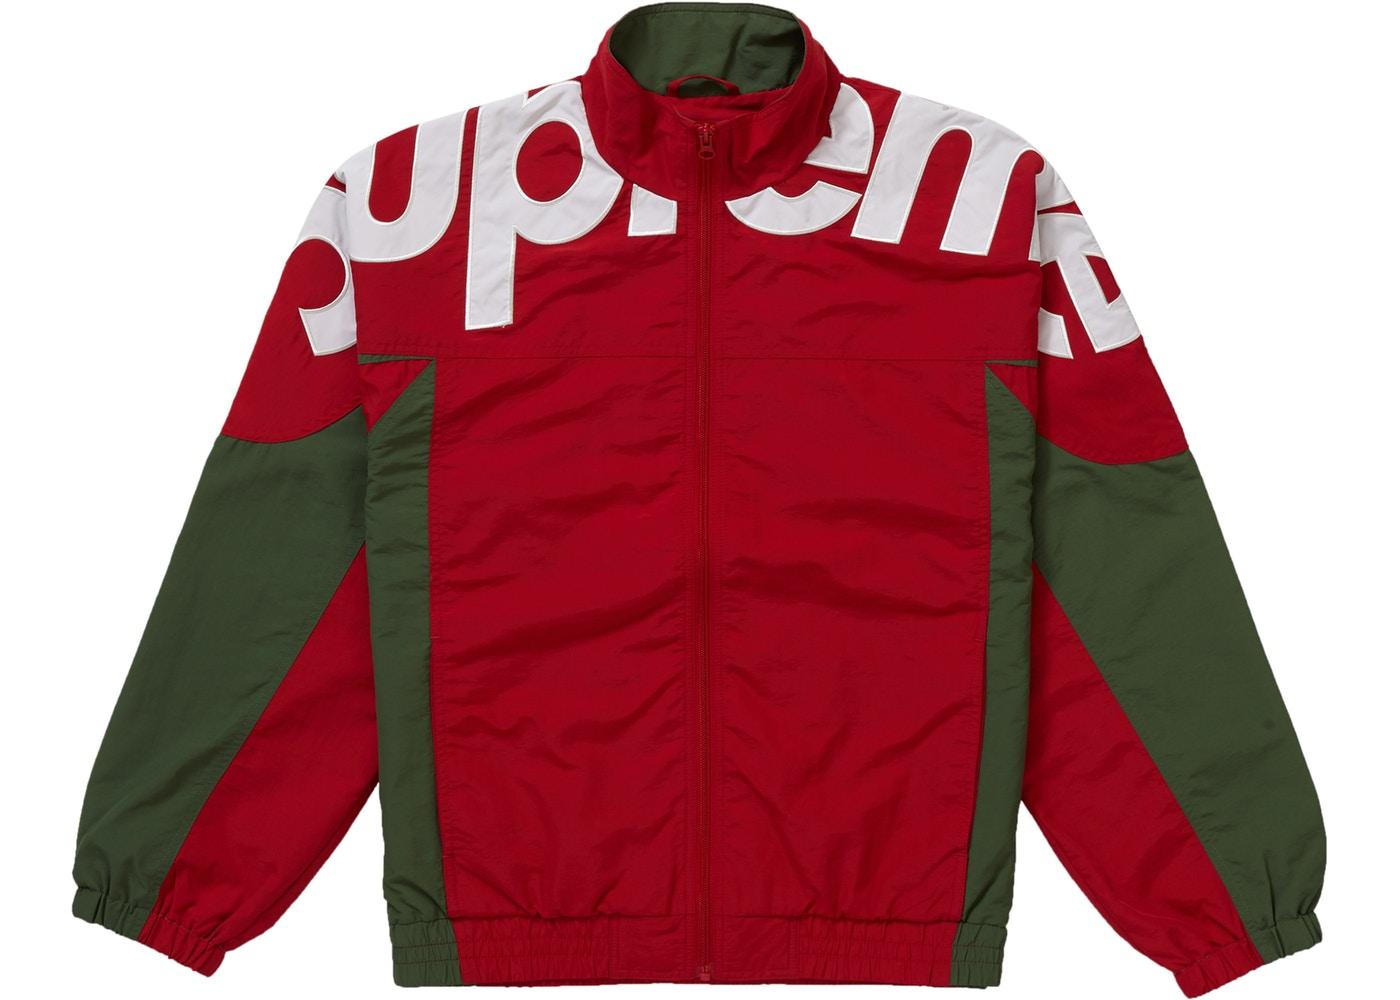 Supeme Jacket Supreme Shoulder Logo Track Jacket | Grailed